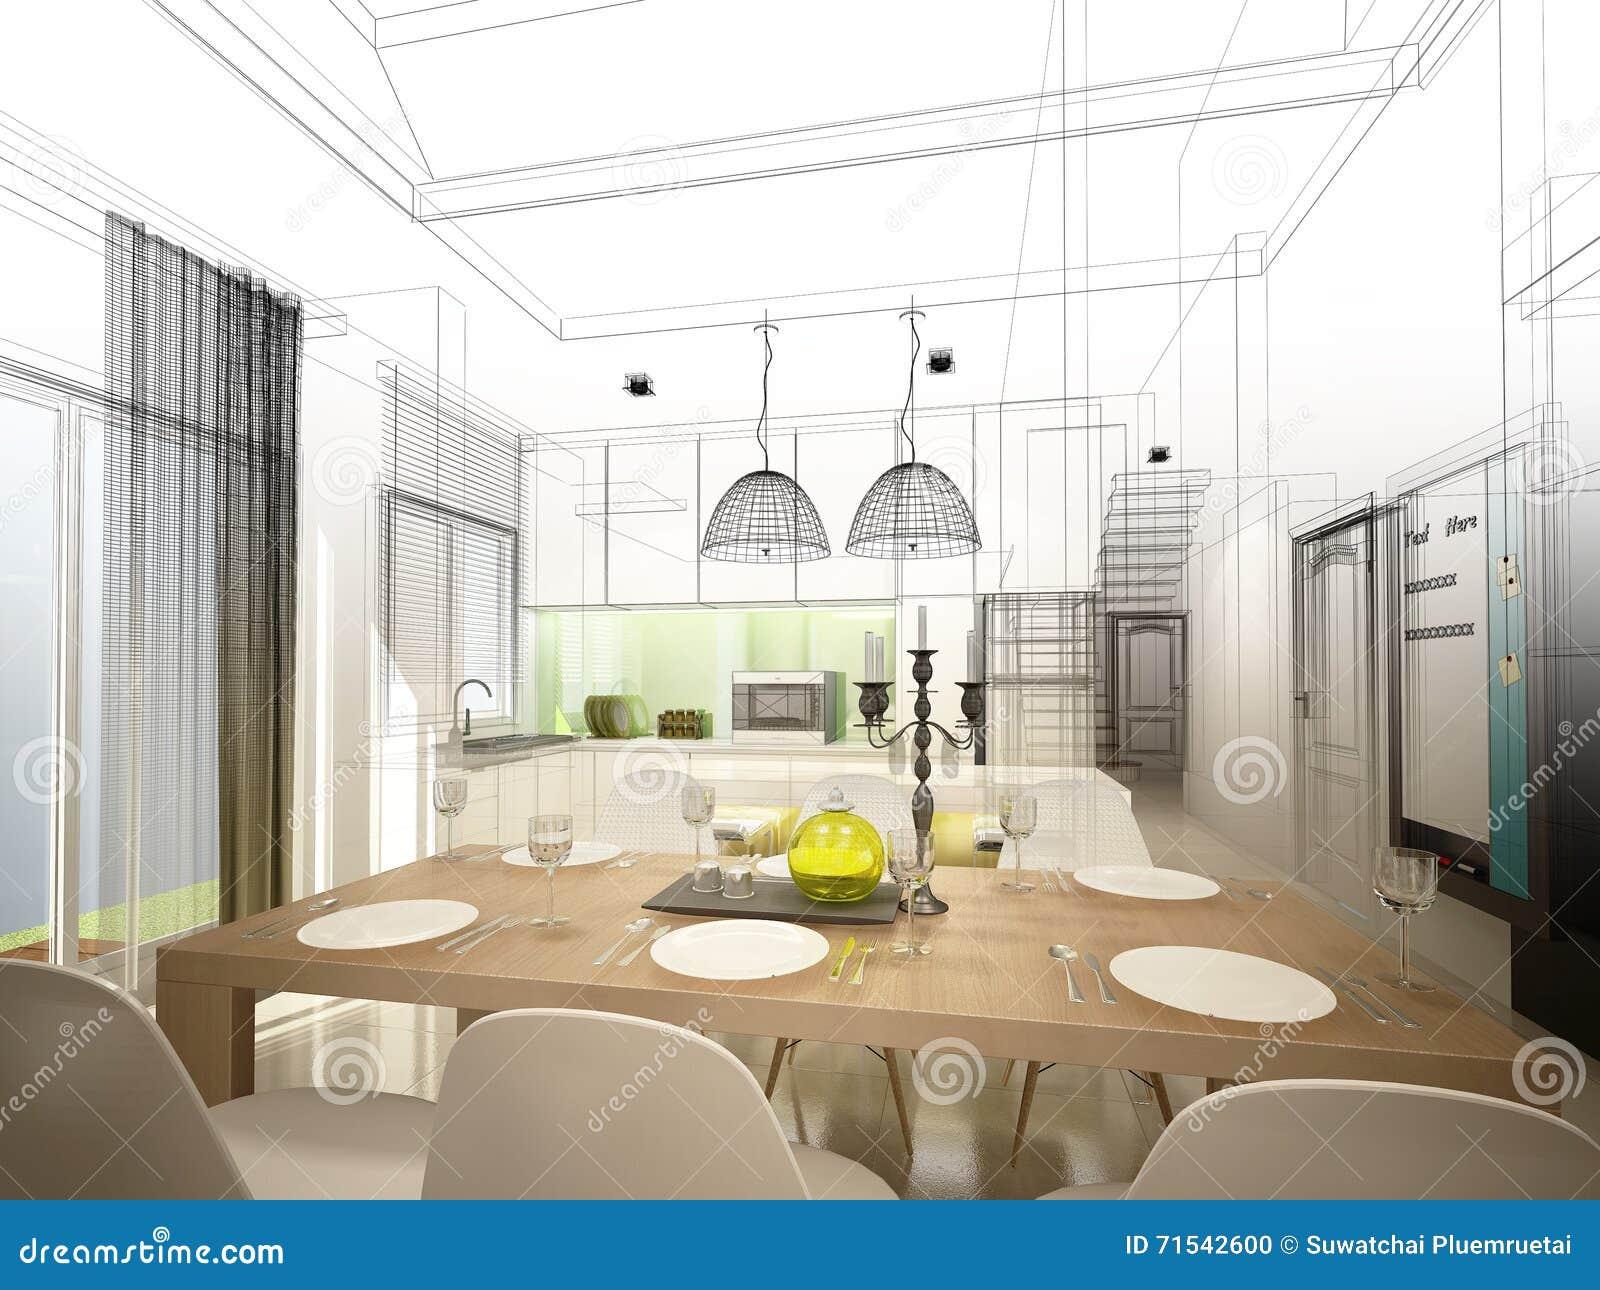 Progetta cucina 3d elegant studio bartolini rendering d for Progettare stanza 3d